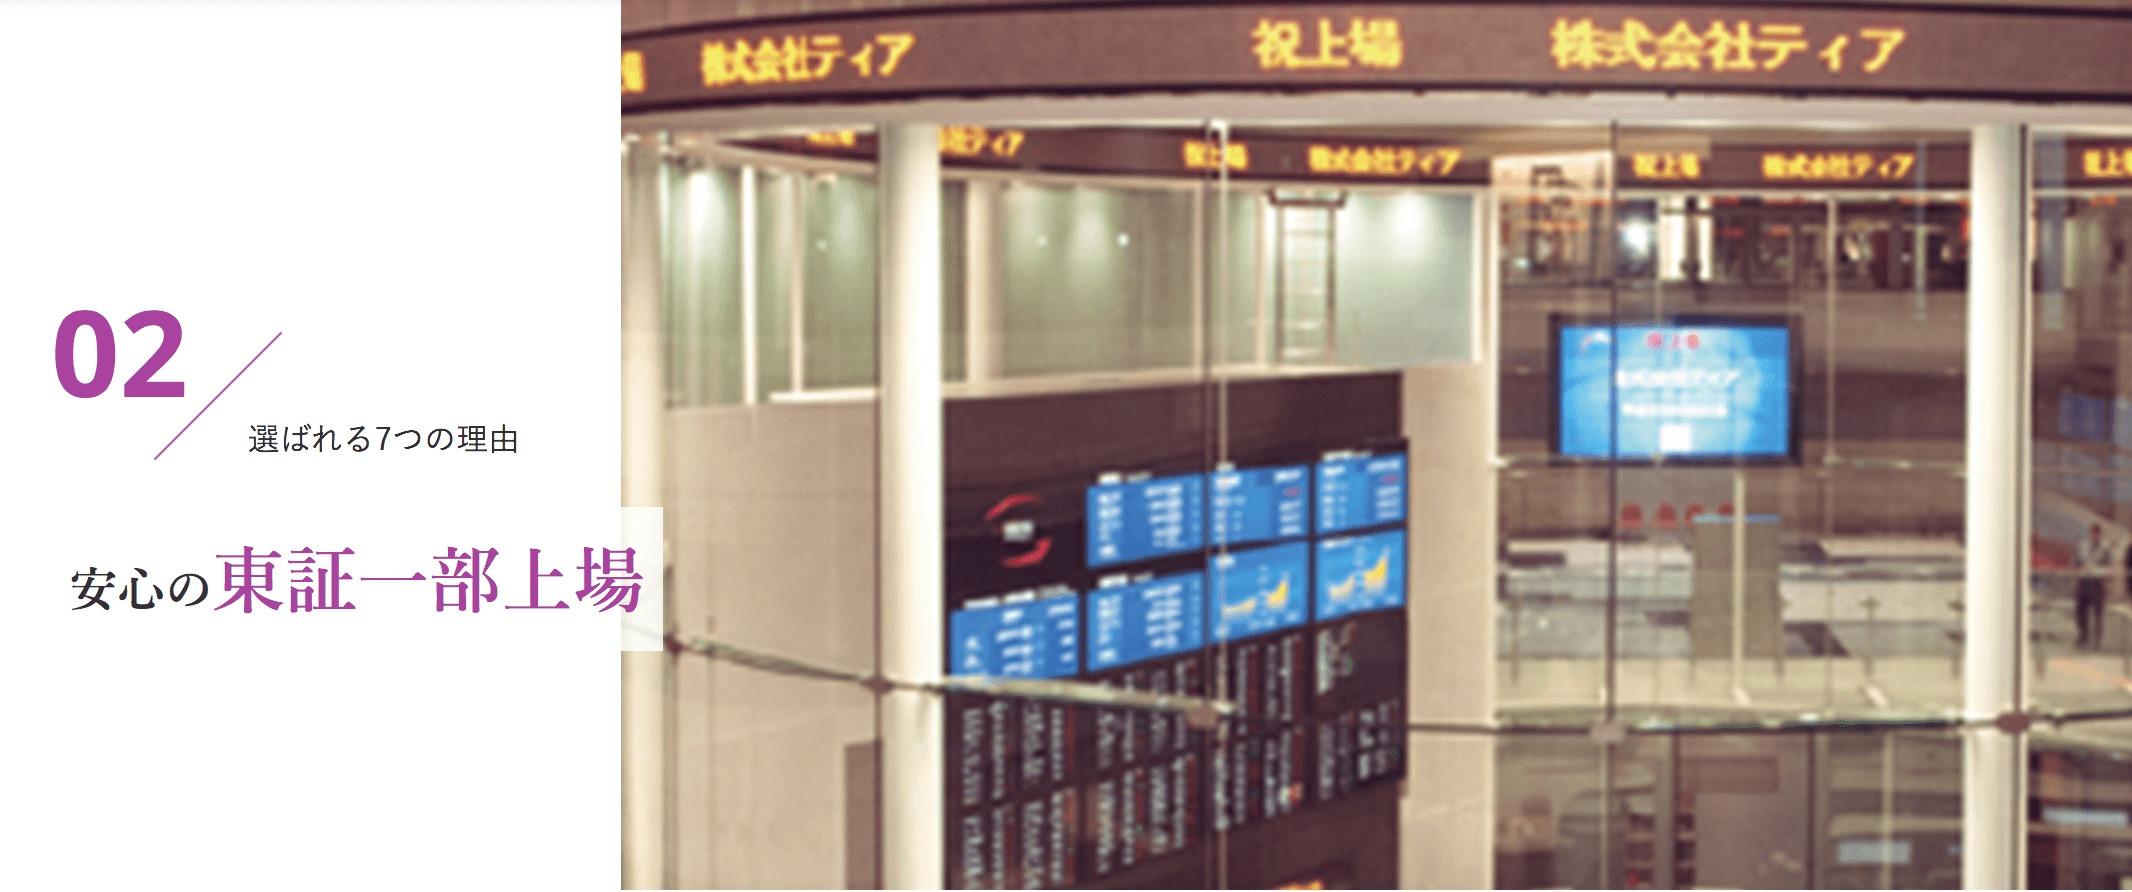 ティアの運営会社は東証一部上場企業